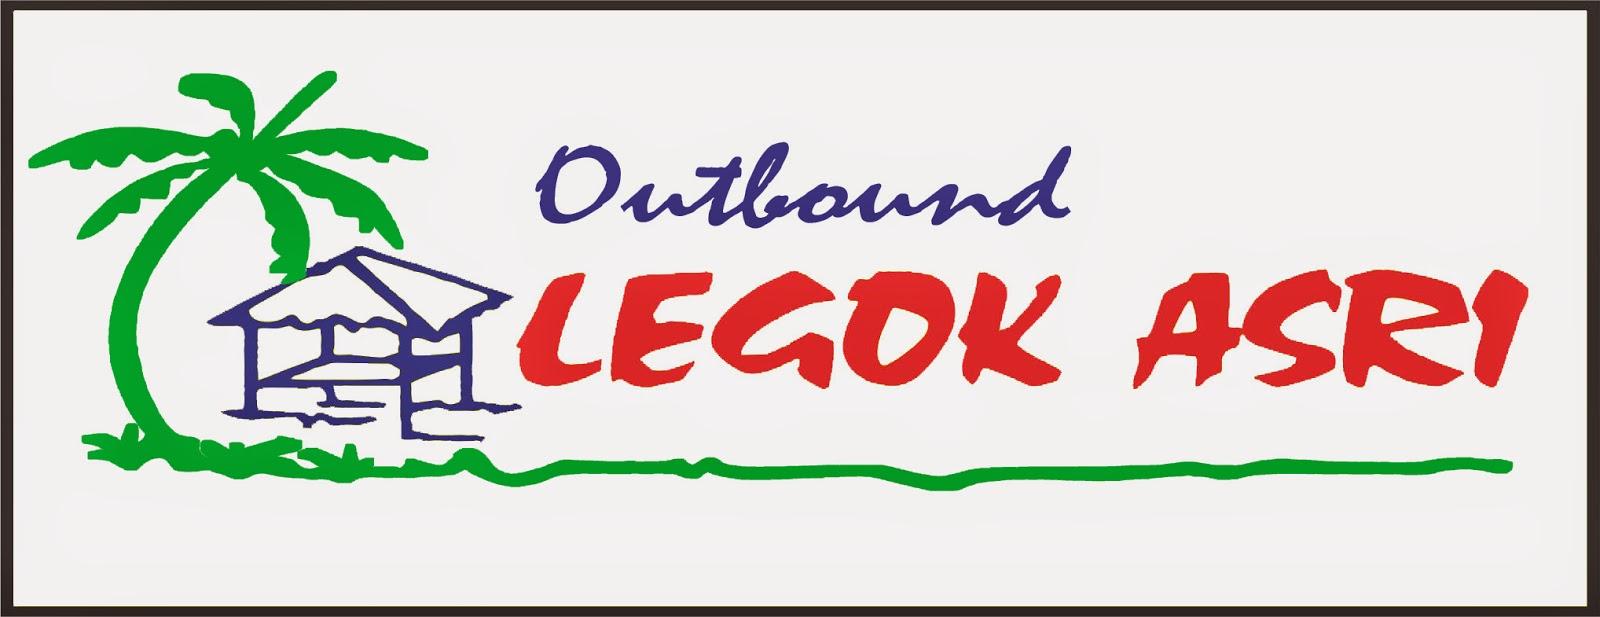 Legok Asri Outbound Sukolegok Kab Sidoarjo